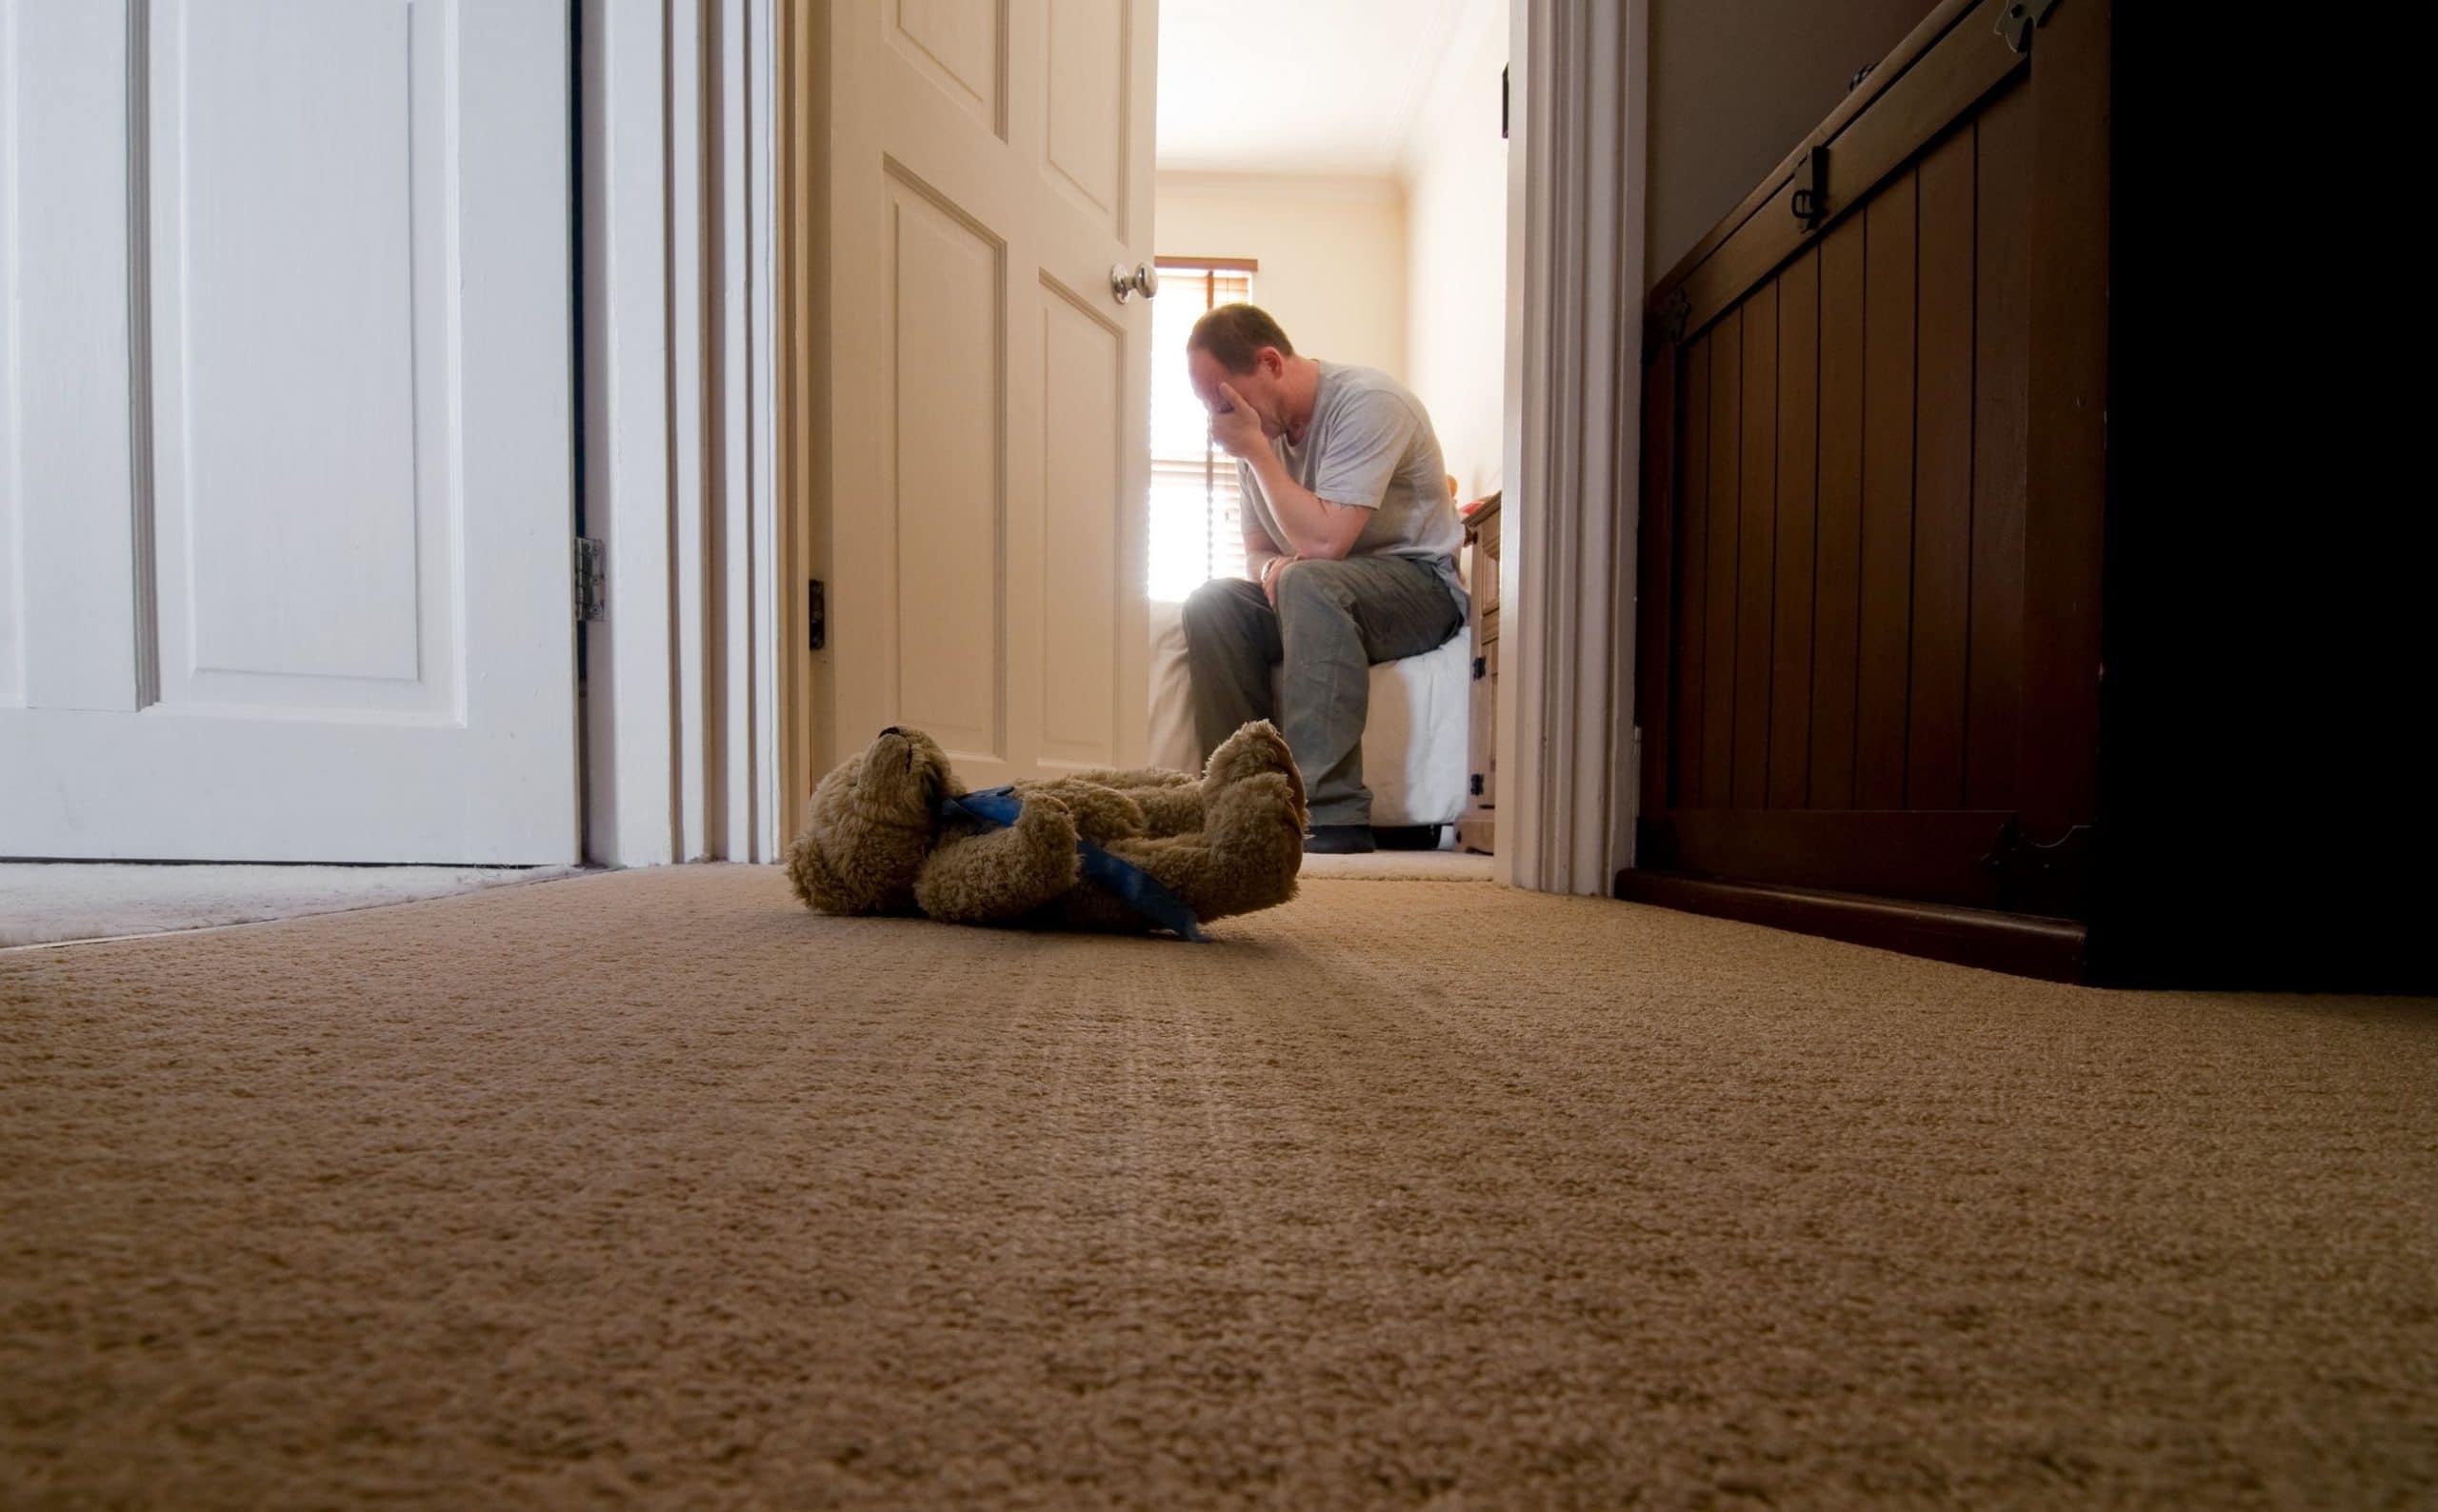 pai lamentando a perda de seu filho sentado na ponta de um cama, com um urso de pelúcia caído no chão do corredor.